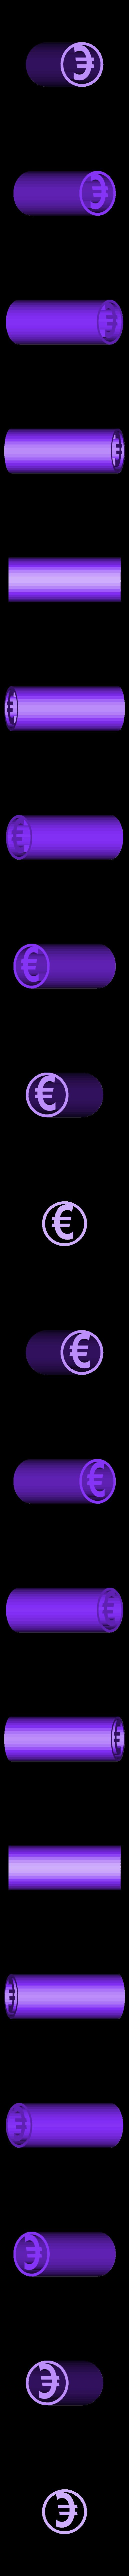 euro.STL Télécharger fichier STL 36 CONSEILS SUR LES FILTRES À MAUVAISES HERBES VOL.1+2+3+4 • Design pour impression 3D, SnakeCreations